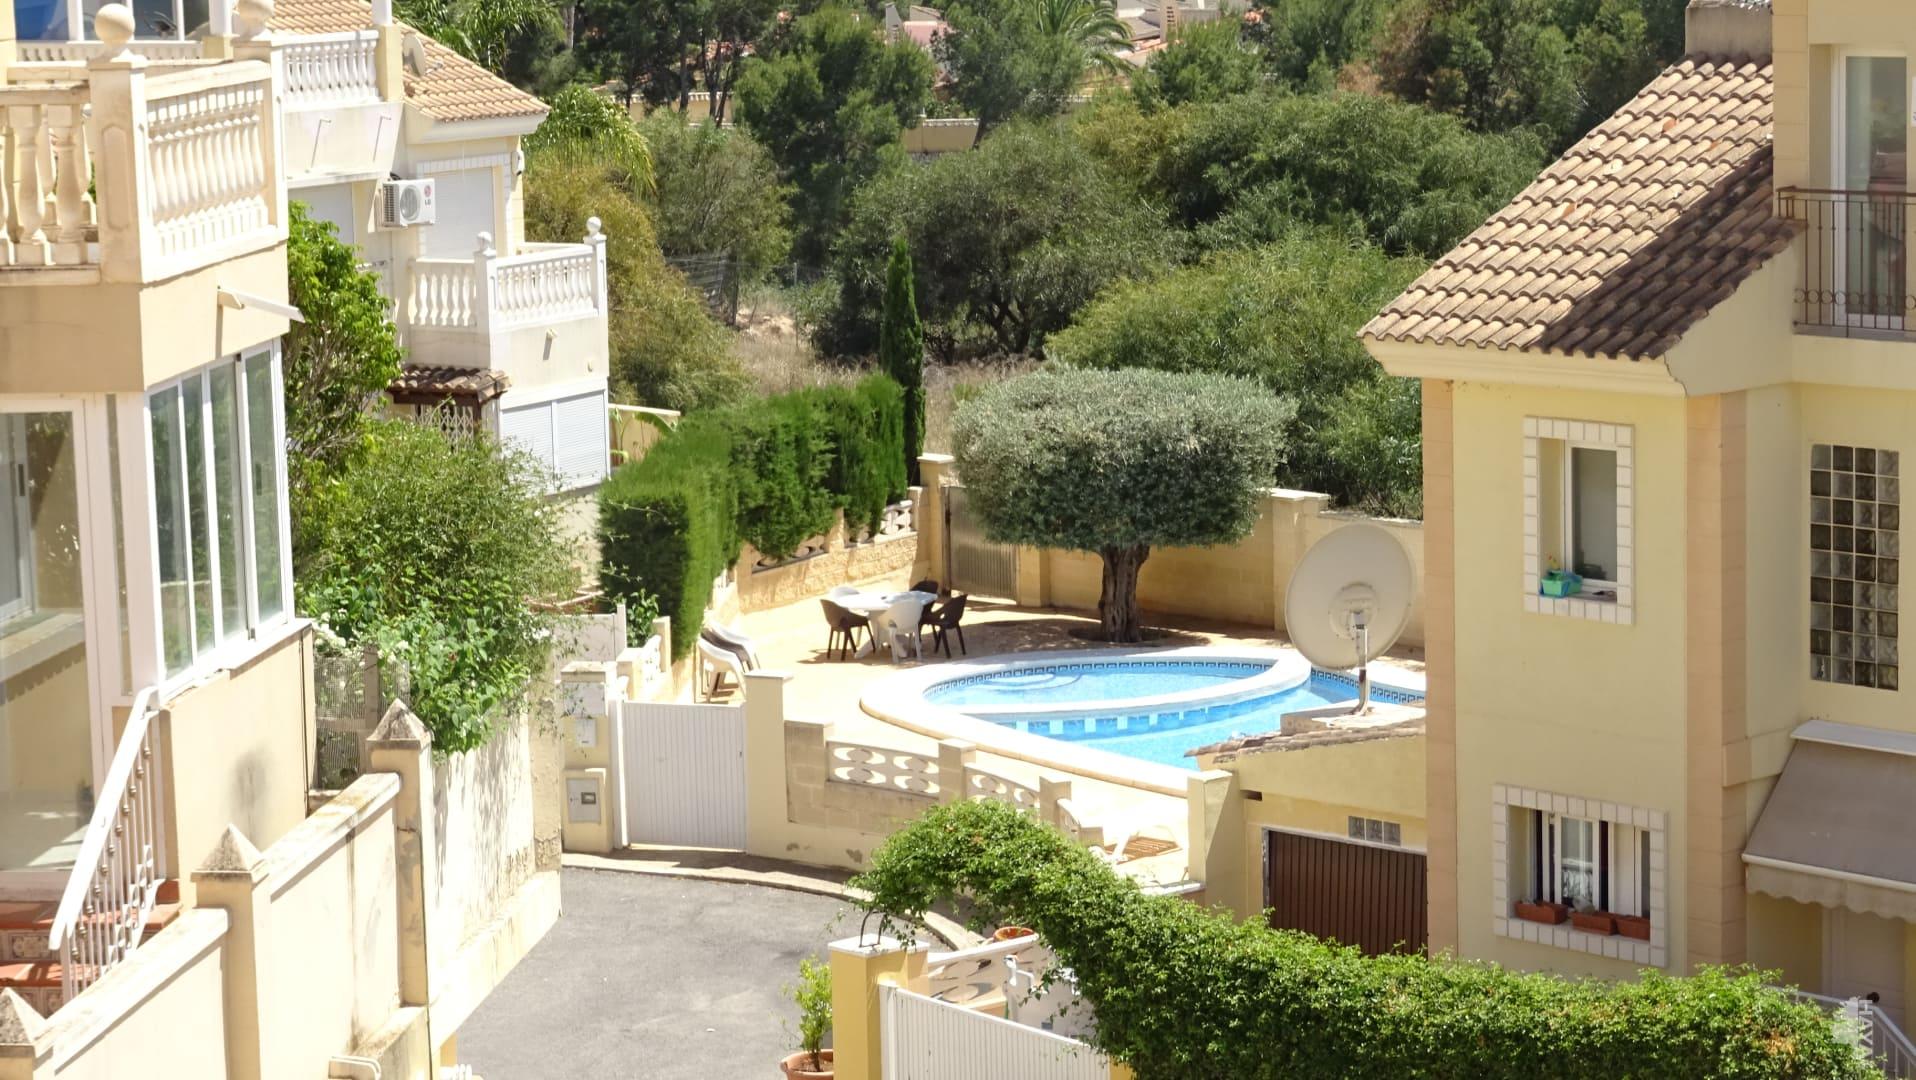 Casa en venta en La Nucia, Alicante, Calle Baladre, 169.108 €, 3 habitaciones, 2 baños, 147 m2